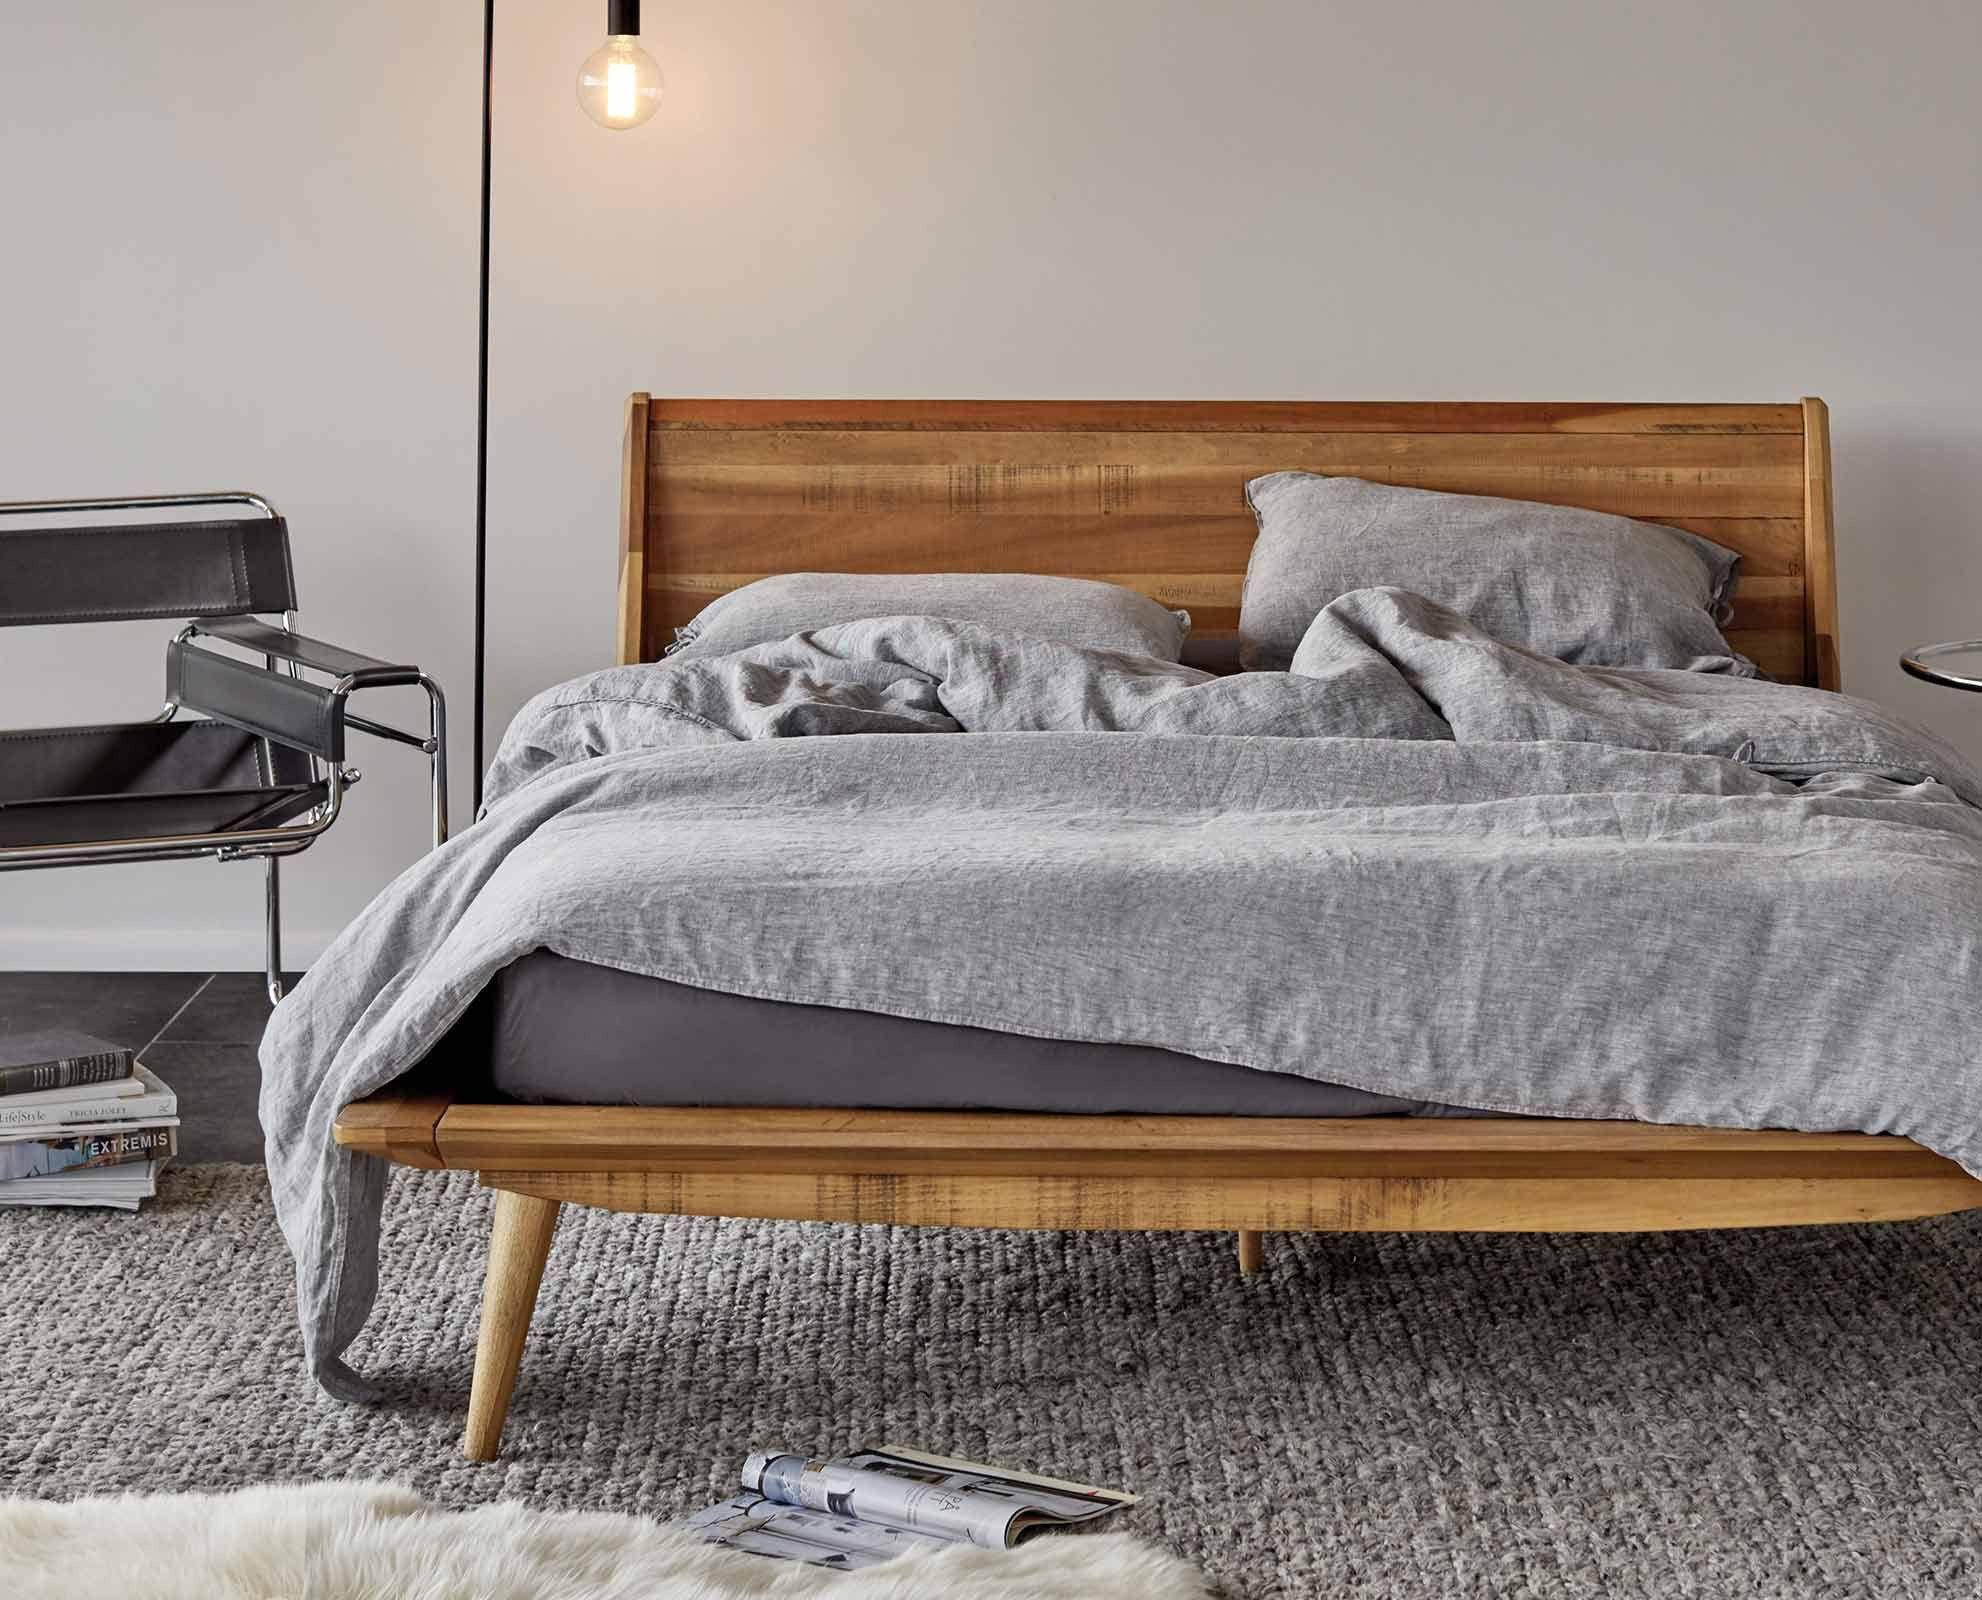 Best Bolig Bed In 2019 Modern Apartment Decor Scandinavian 400 x 300